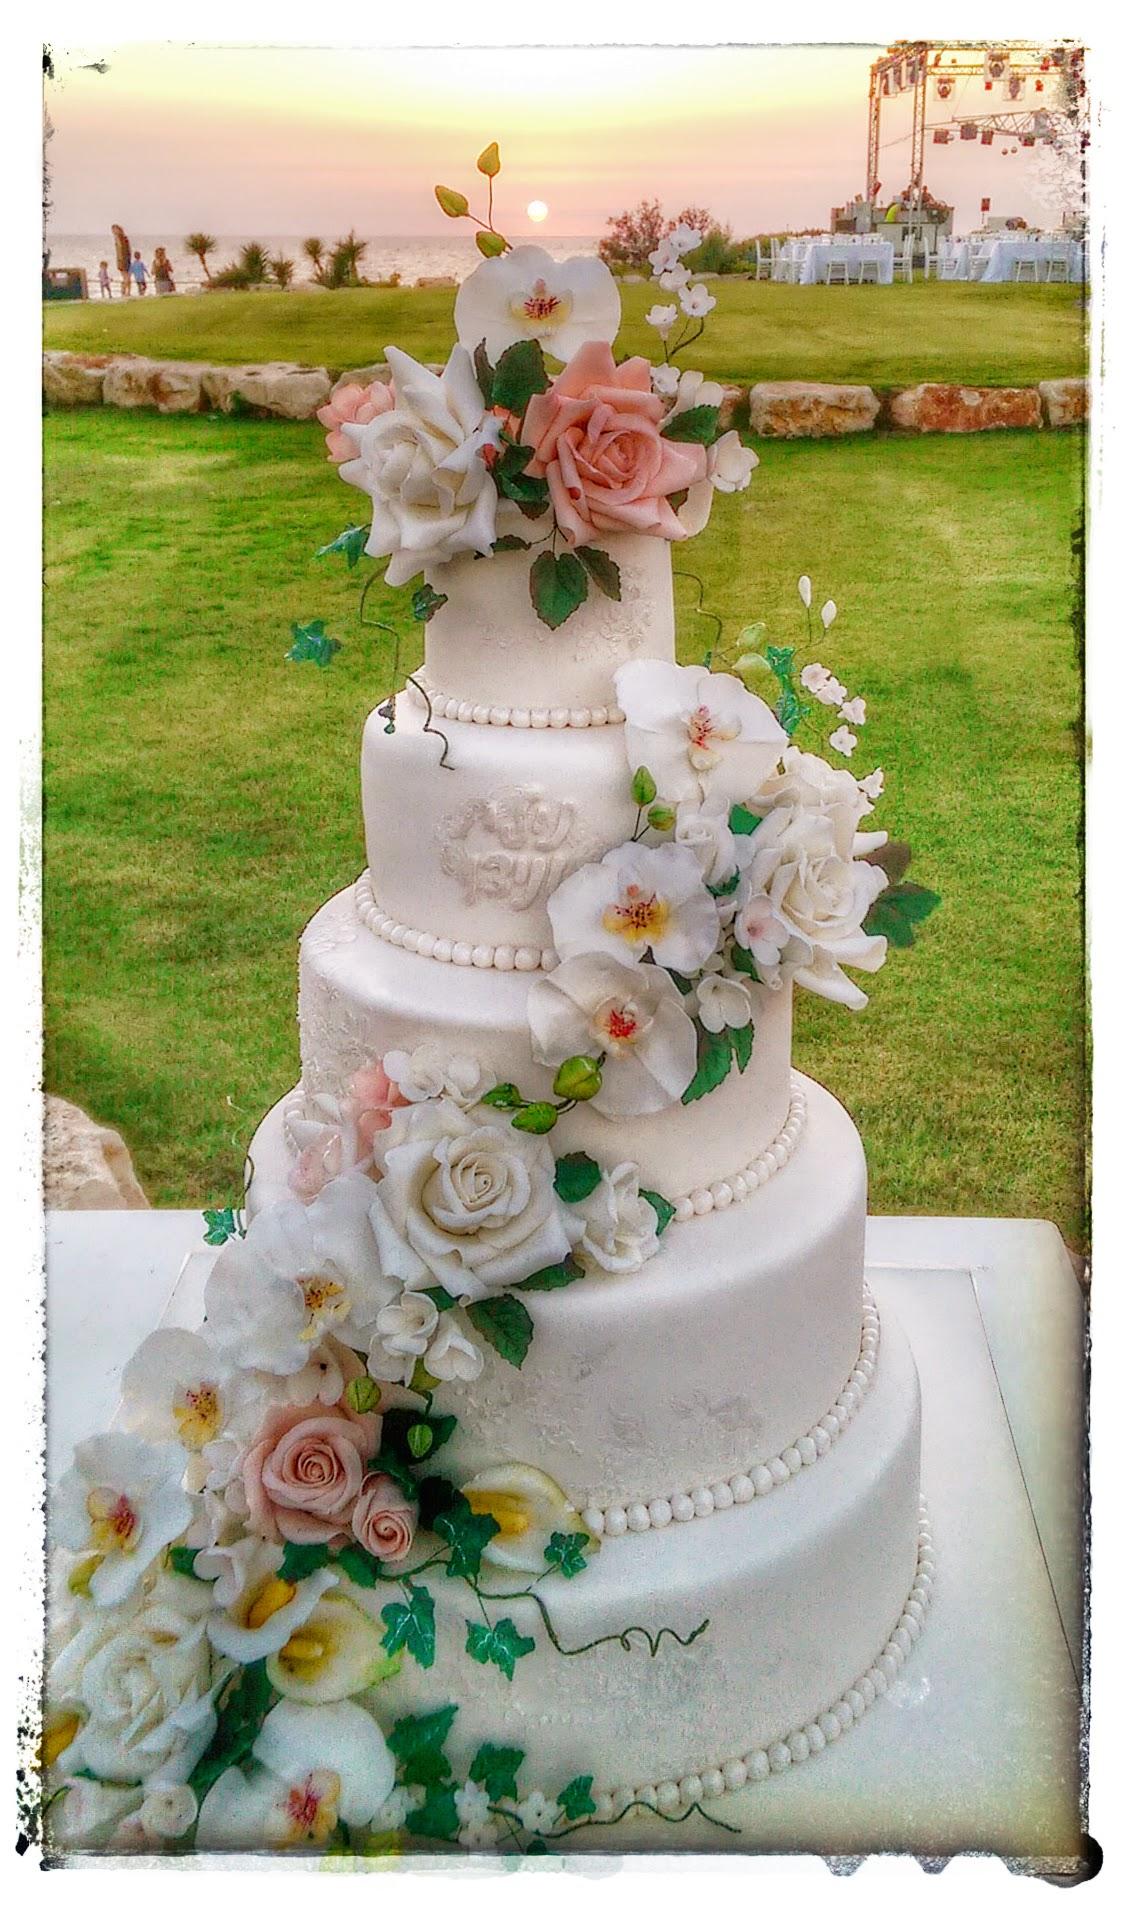 עוגות חתונה מעוצבות בבצק סוכר